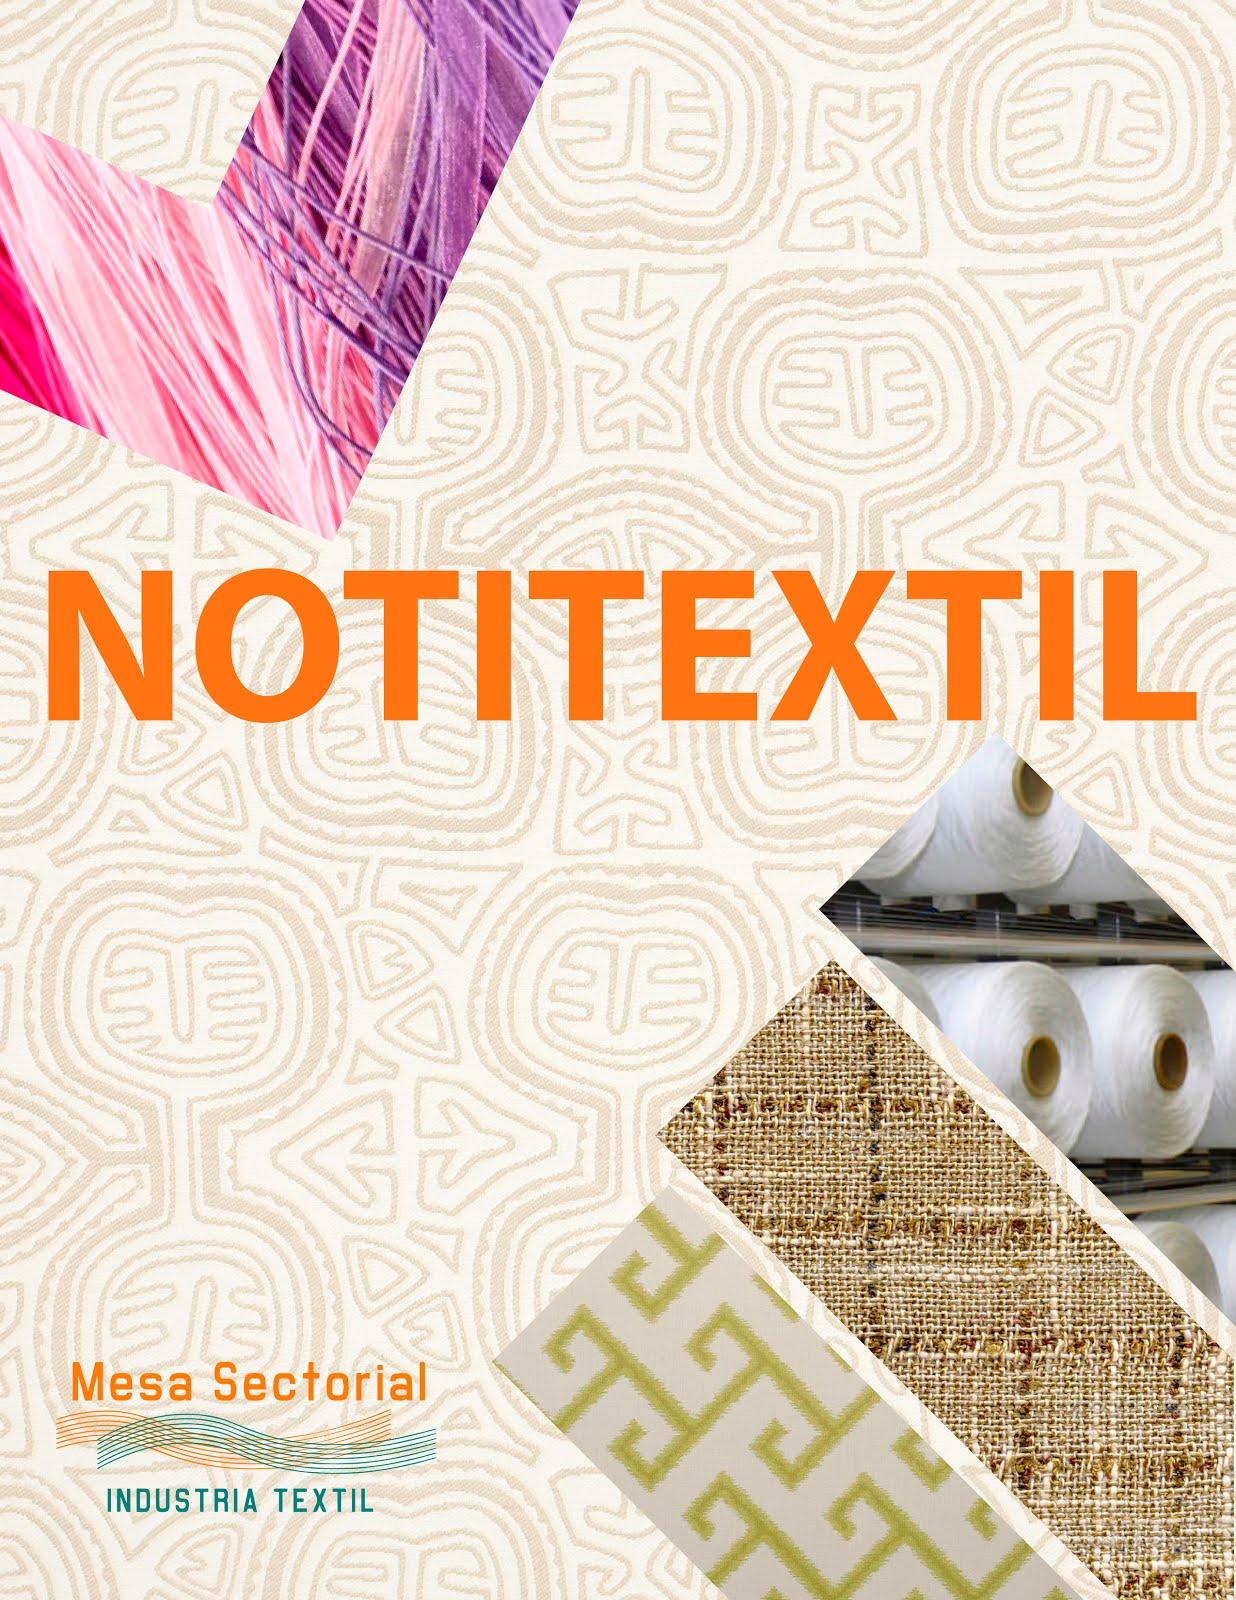 NOTITEXTIL